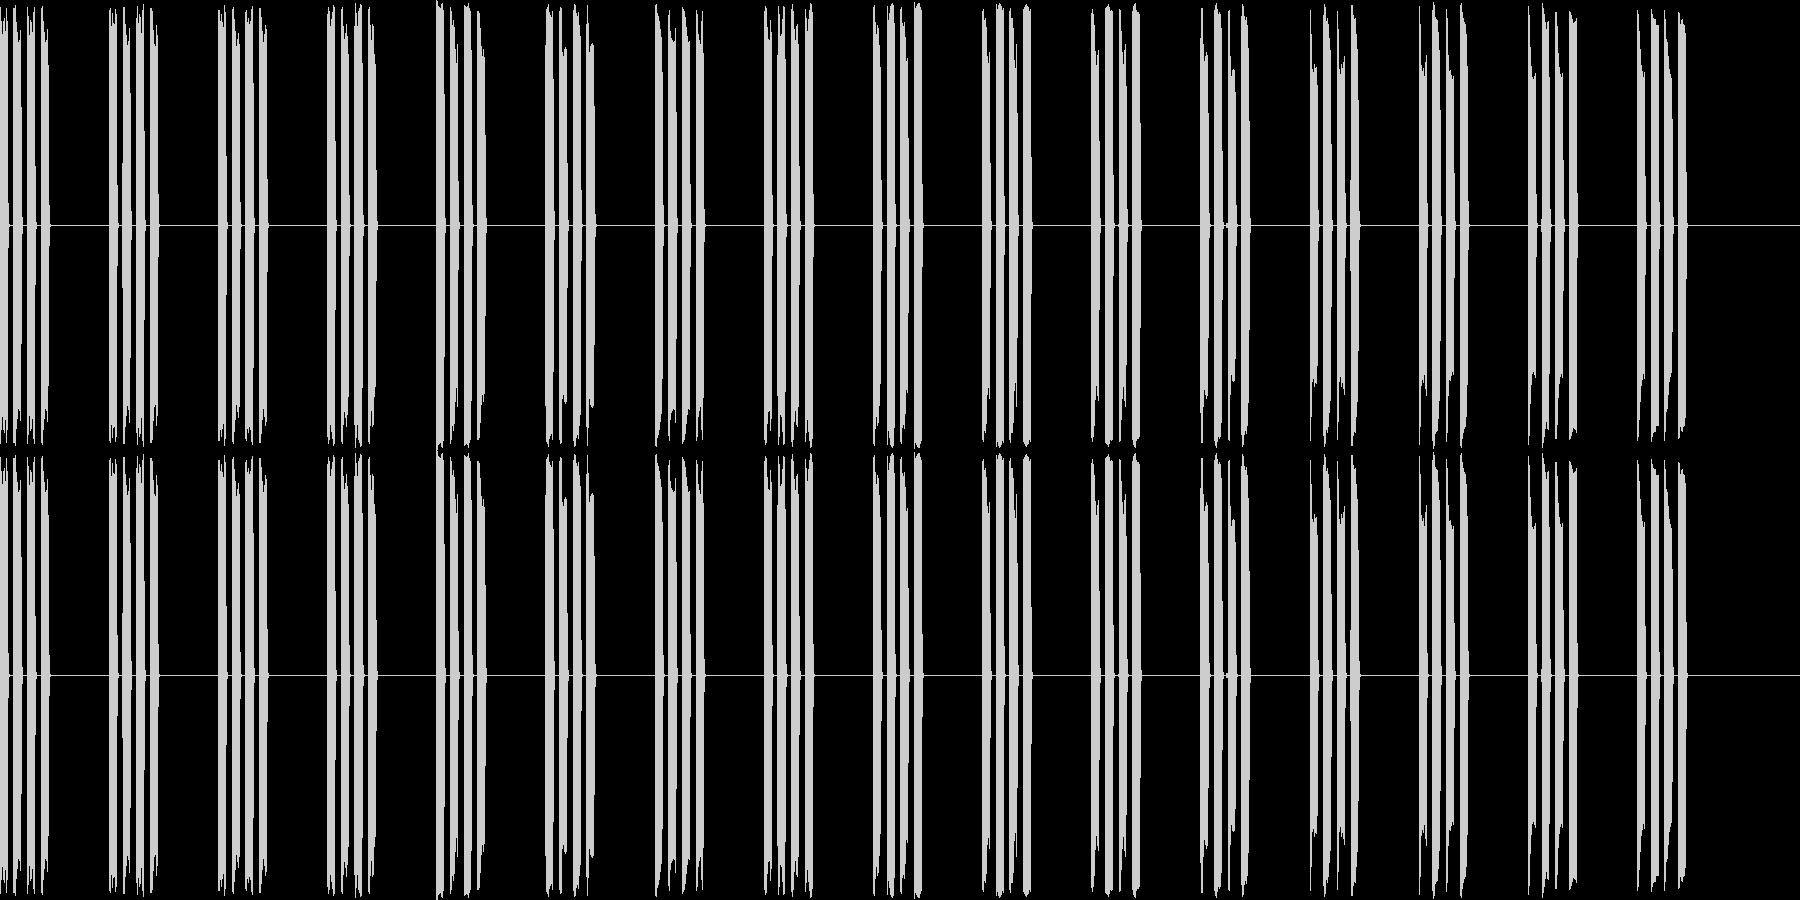 ピピピピ(電子音、機械音)の未再生の波形